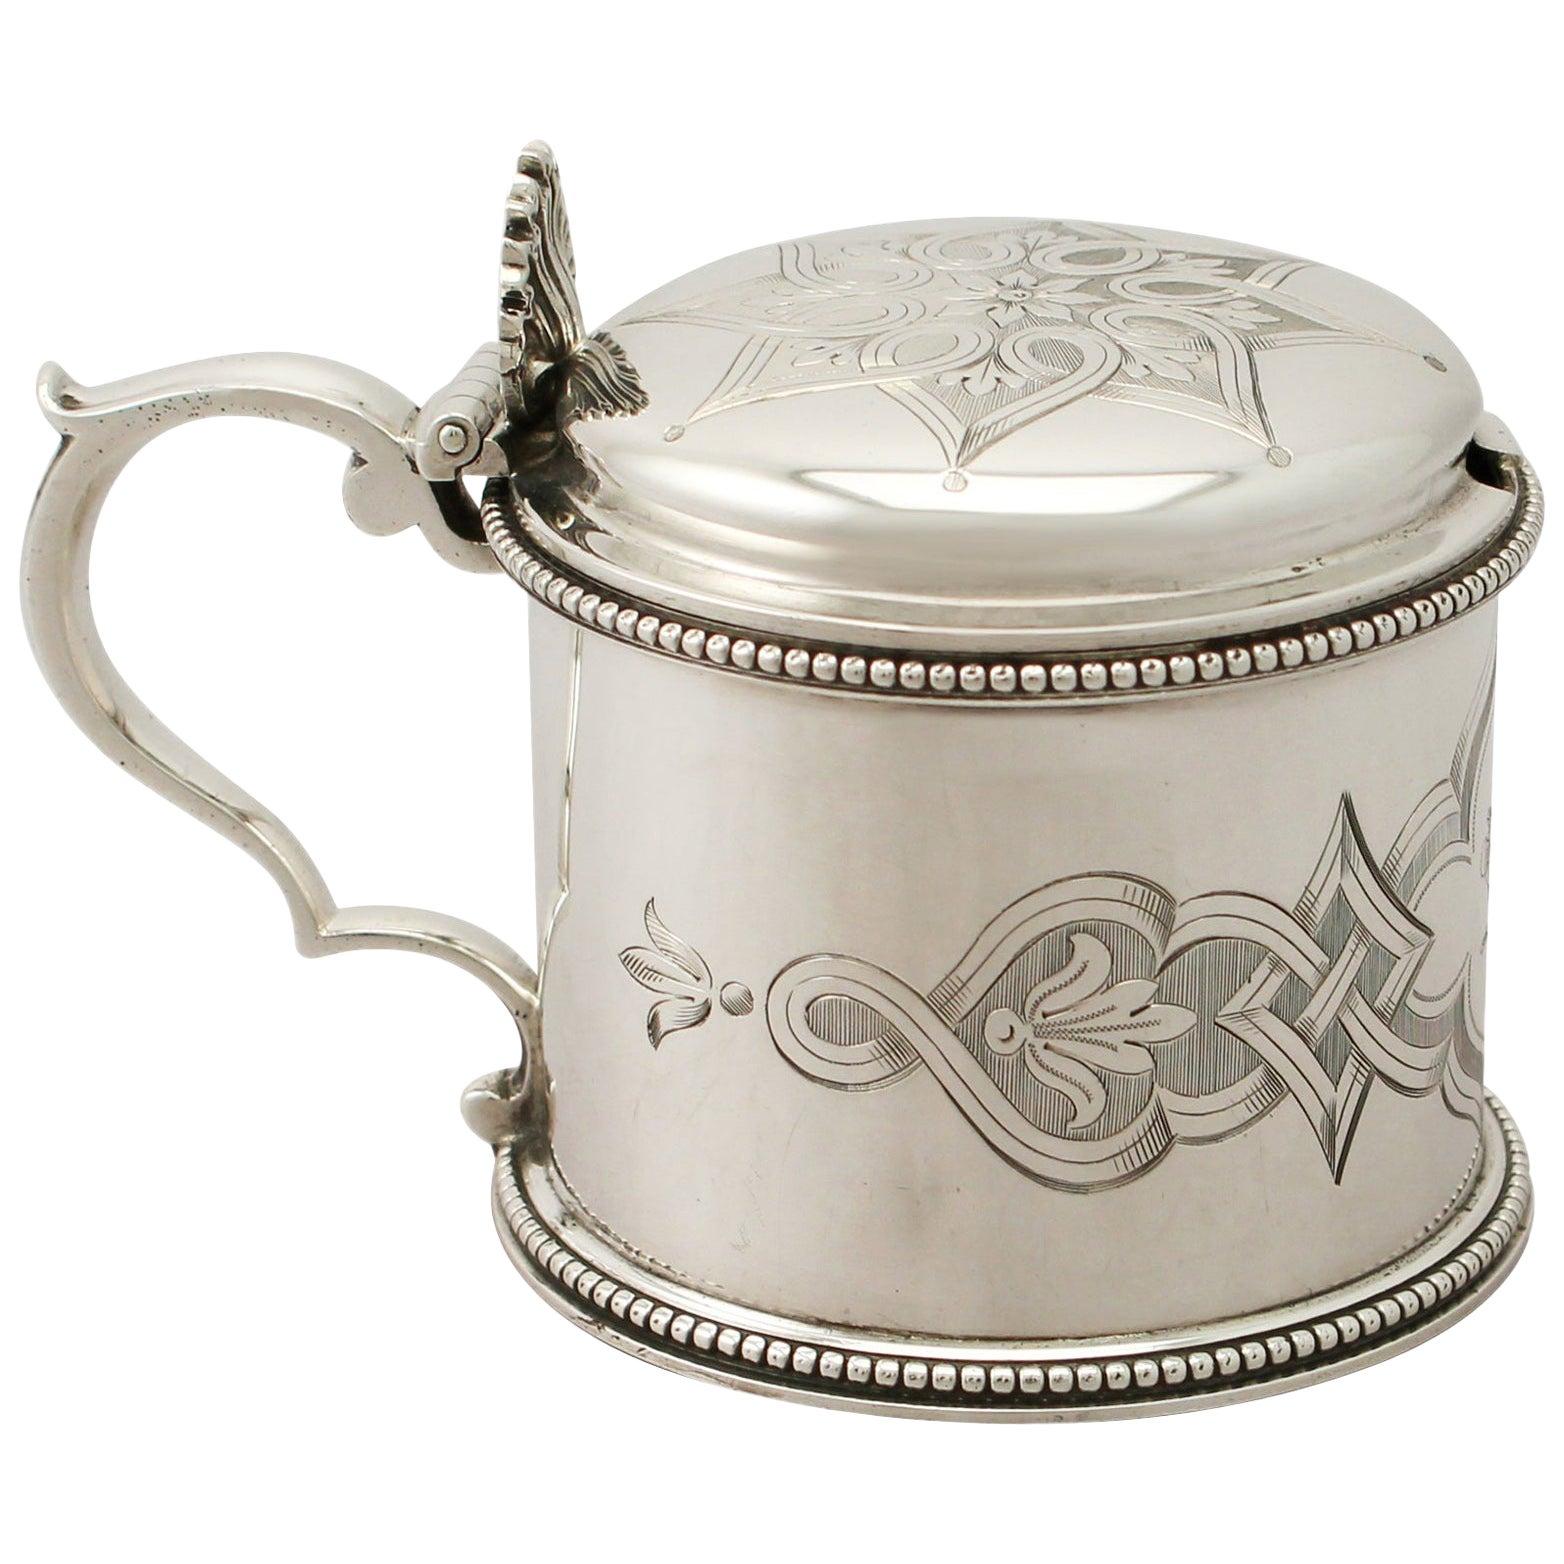 Antique Victorian 1858 Sterling Silver Mustard Pot by Edward & John Barnard